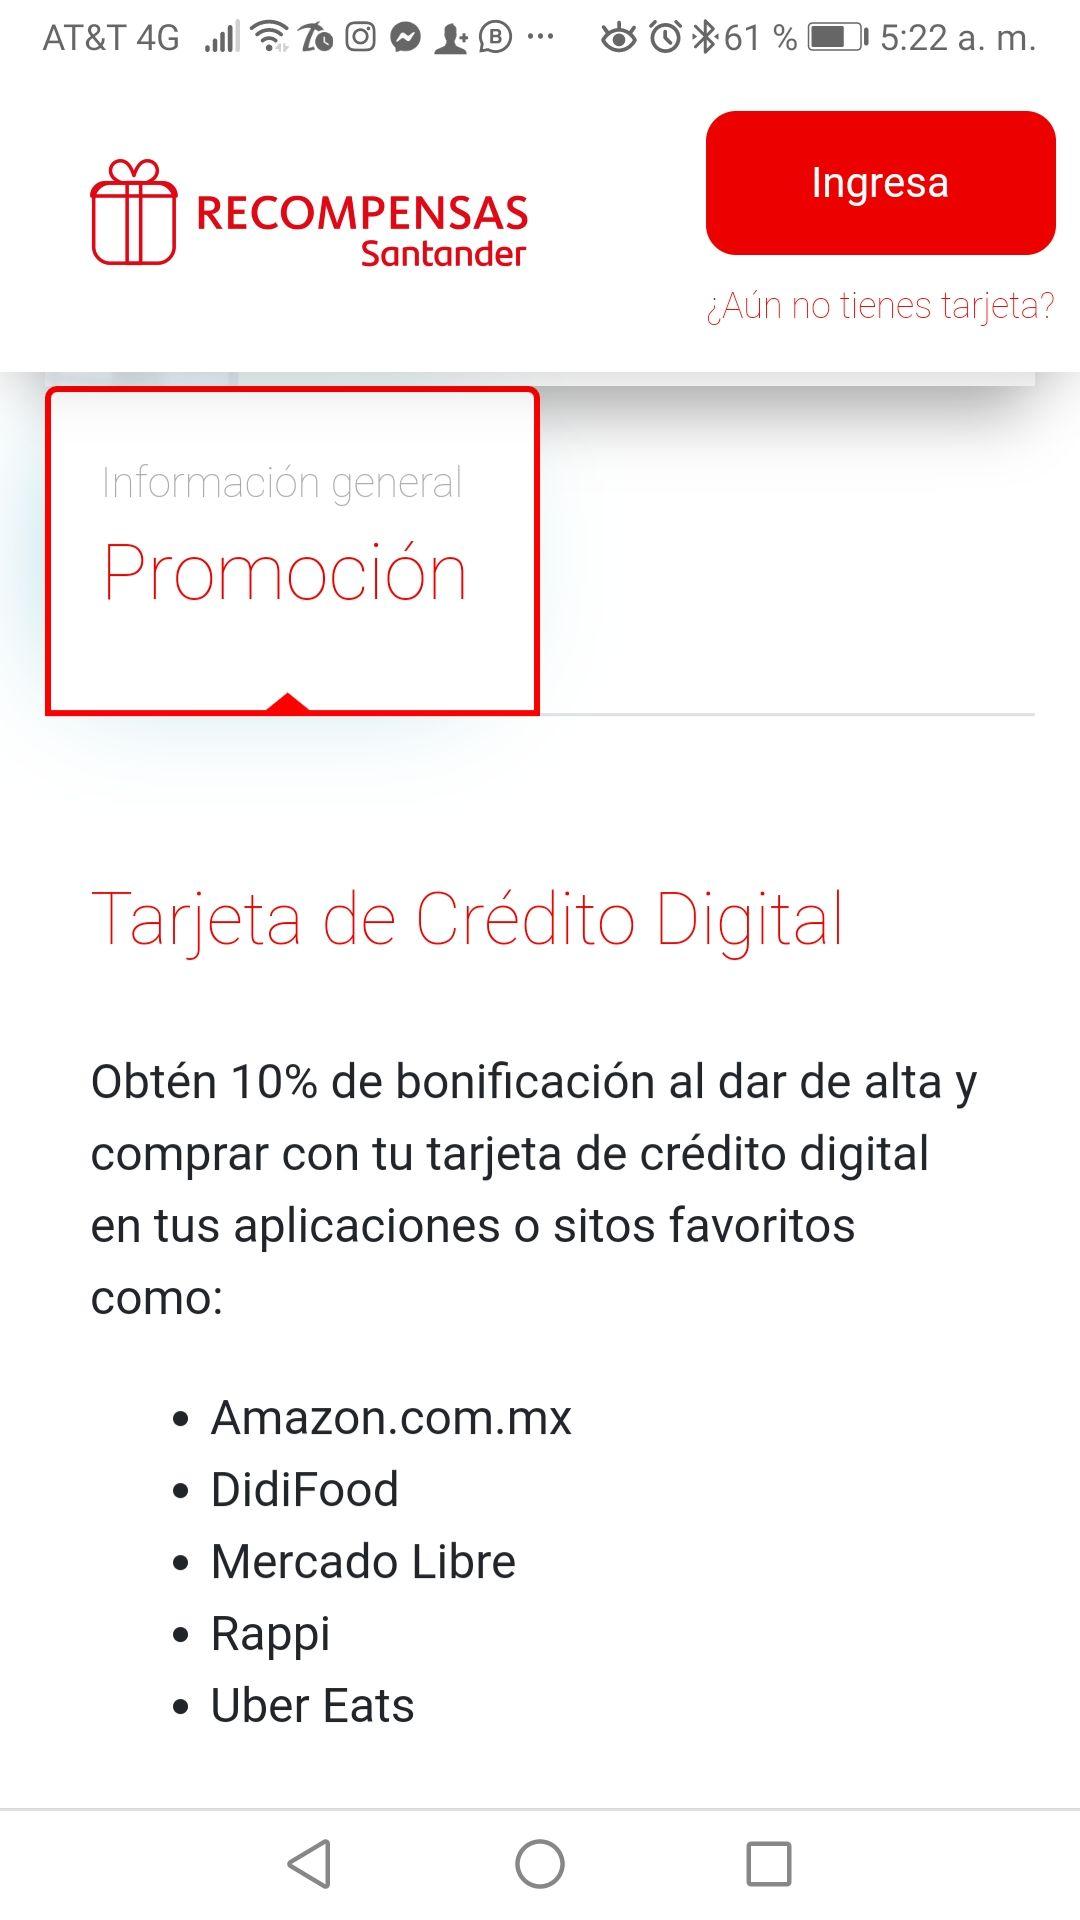 Santander: 10% de bonificación en compras digitales